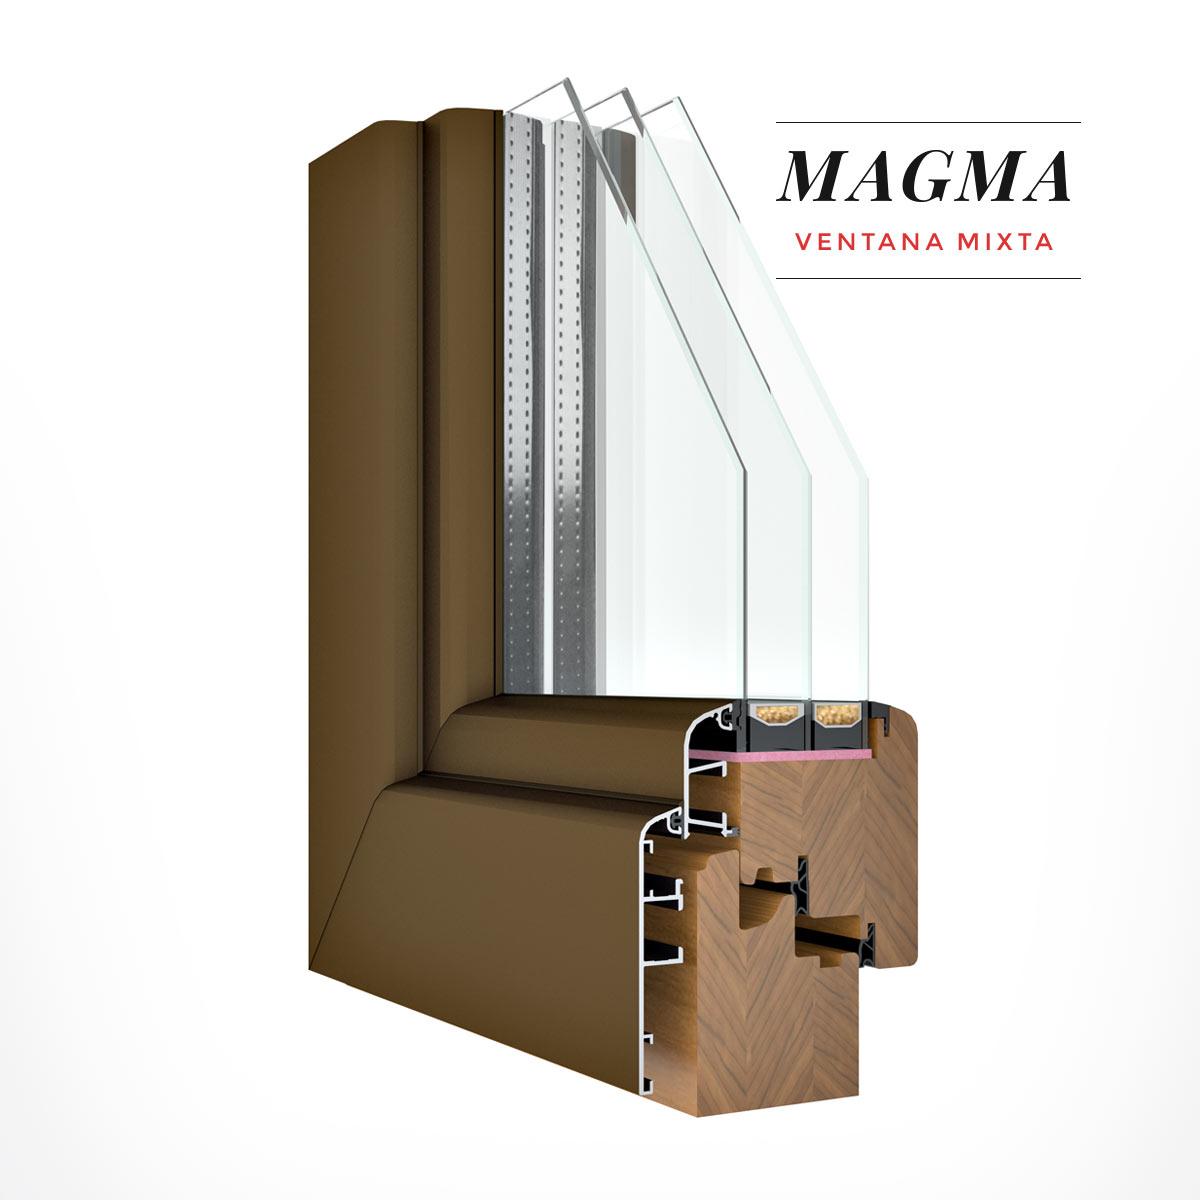 Carreté Finestres - finestra de fusta i alumini de color marró - Finestres mixtes Magma